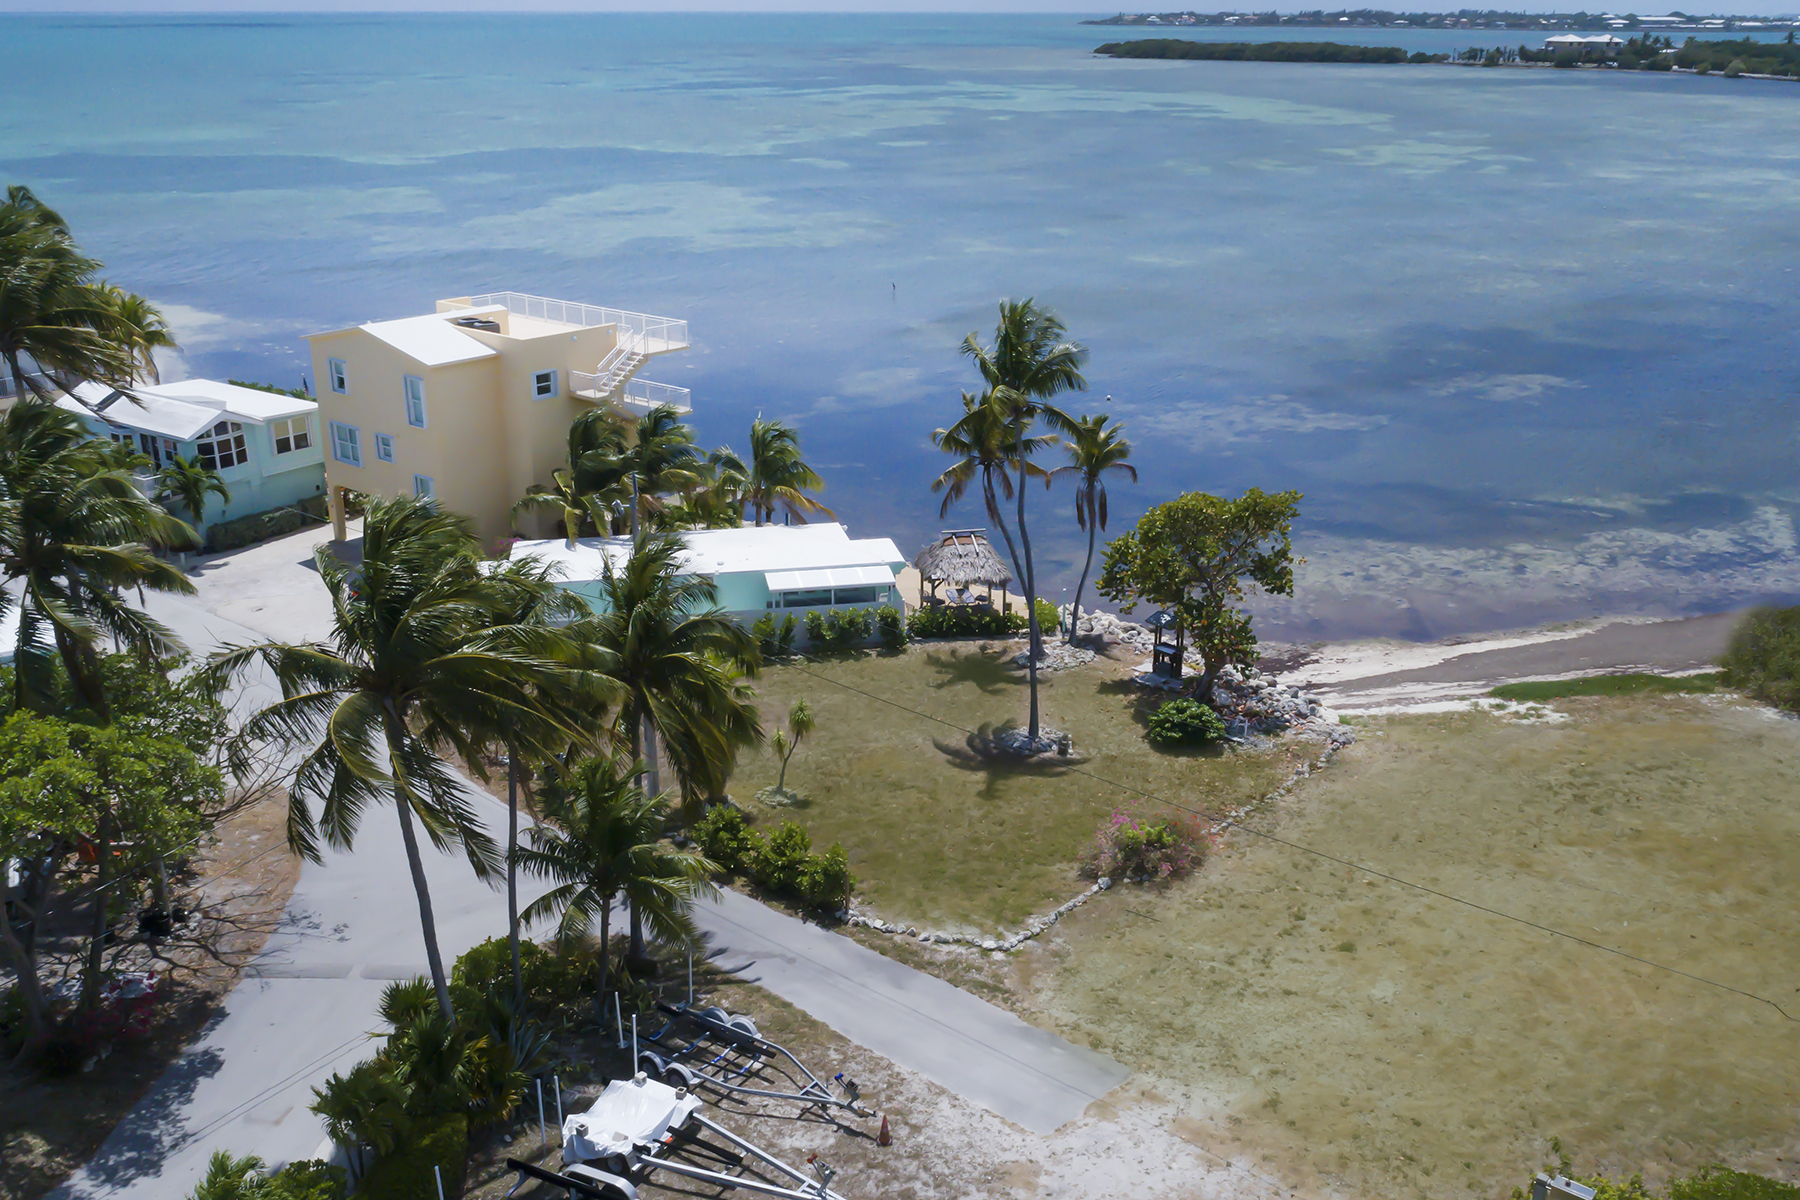 Terreno por un Venta en Ocean Front Lot 62900 Overseas Highway #53 Duck Key, Florida, 33050 Estados Unidos